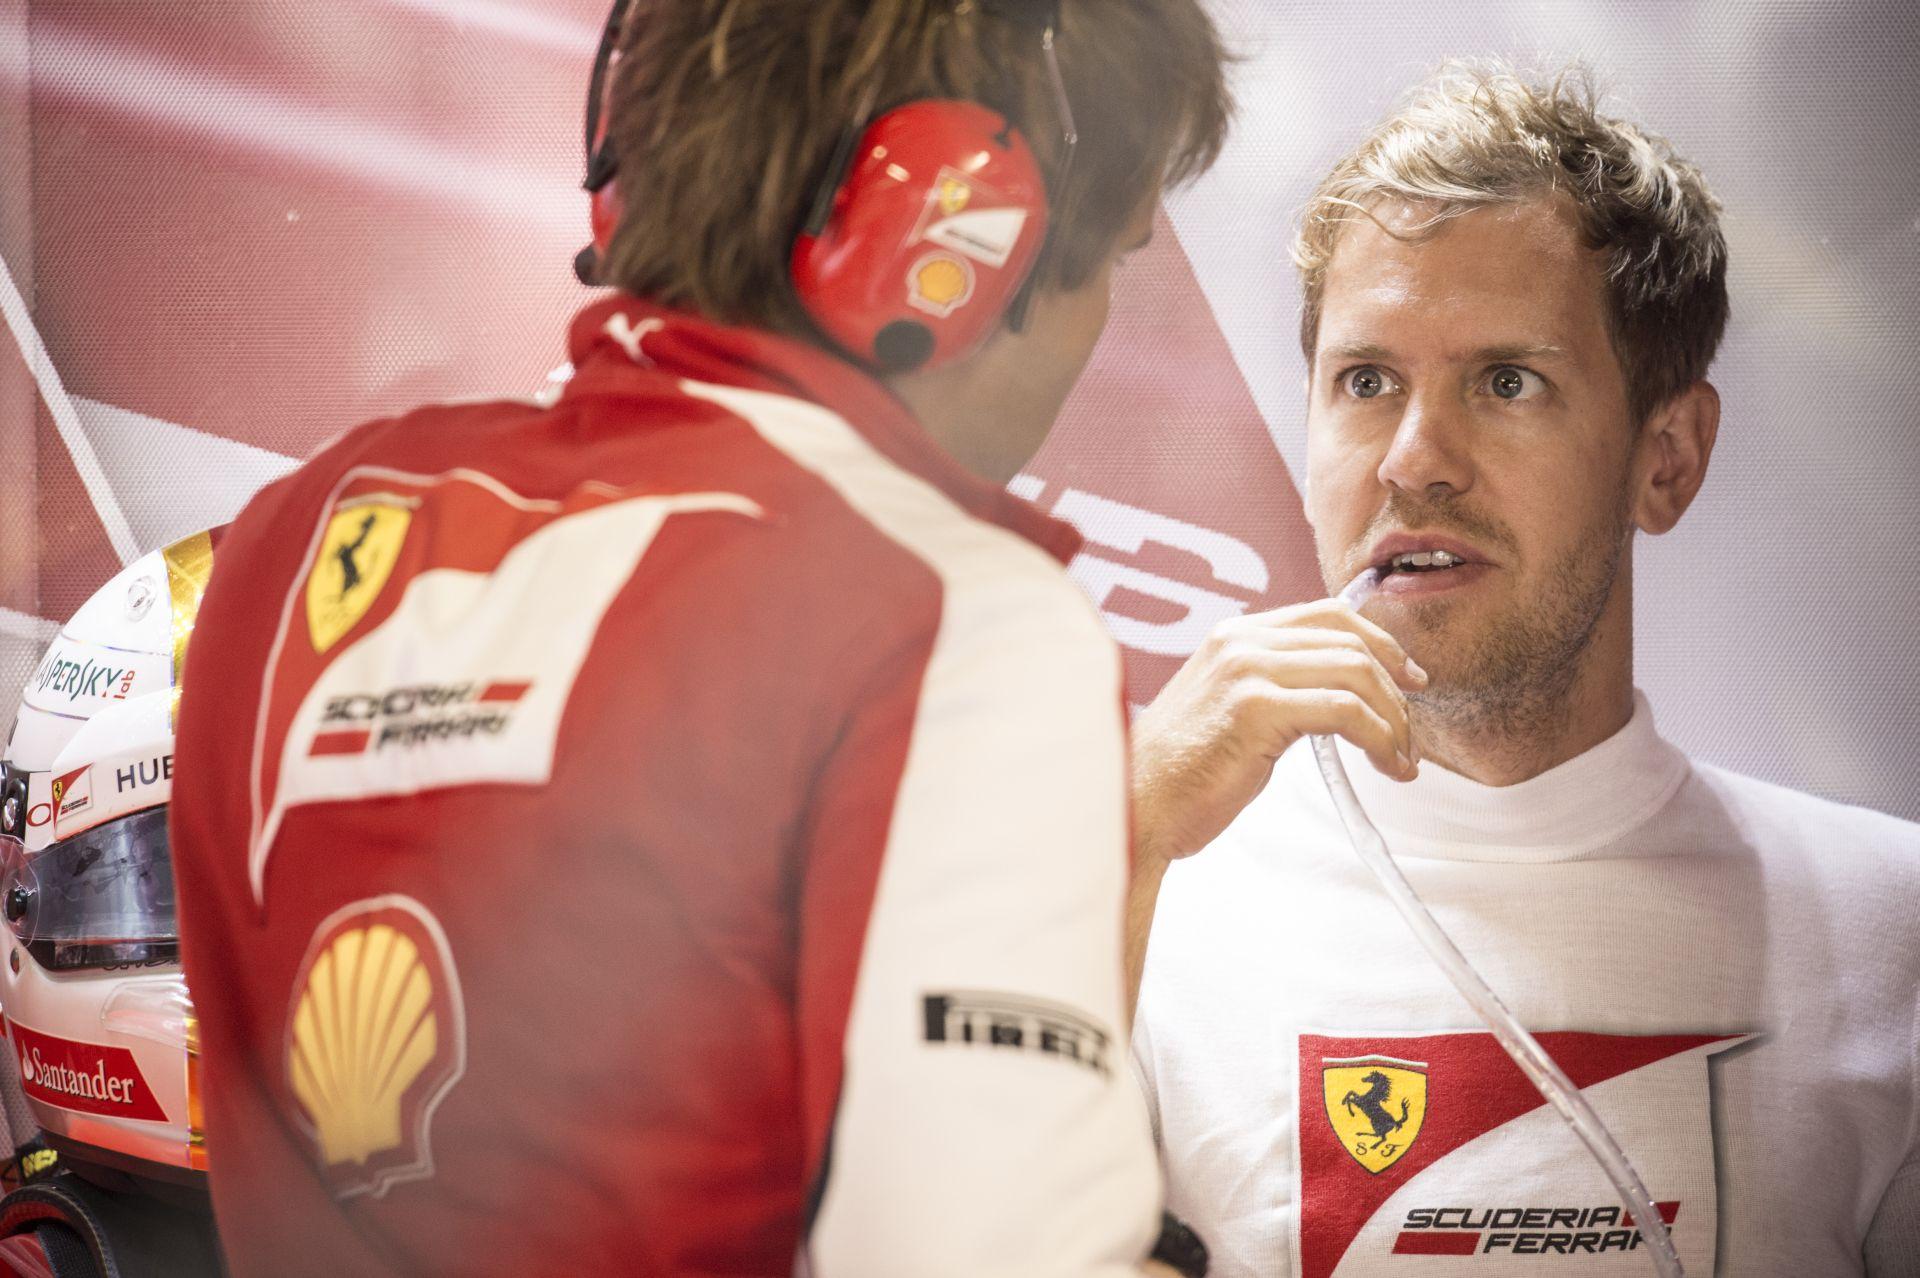 Sokat fejlődött Vettel olasza: így ad interjút a német világbajnok